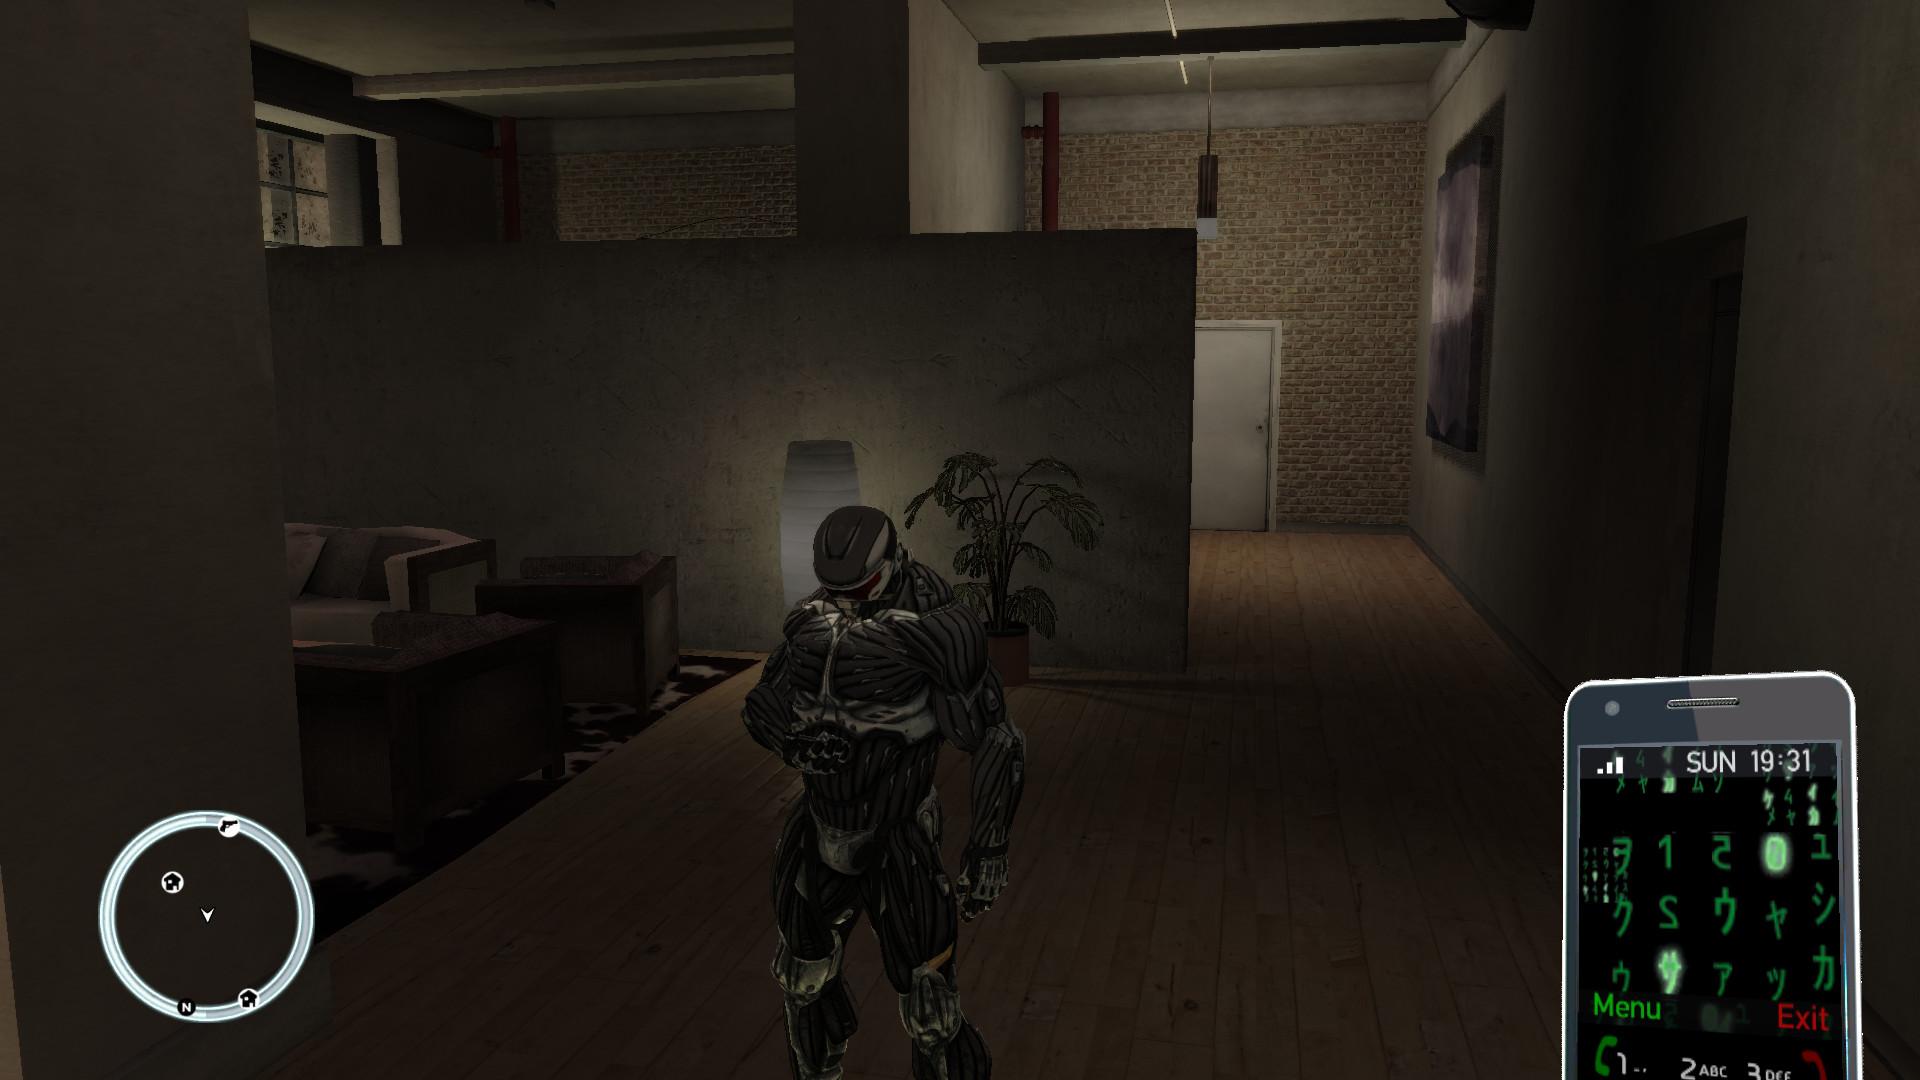 Res: 1920x1080, Matrix Live Wallpaper - GTA4-Mods.com - Grand Theft Auto 4 car .